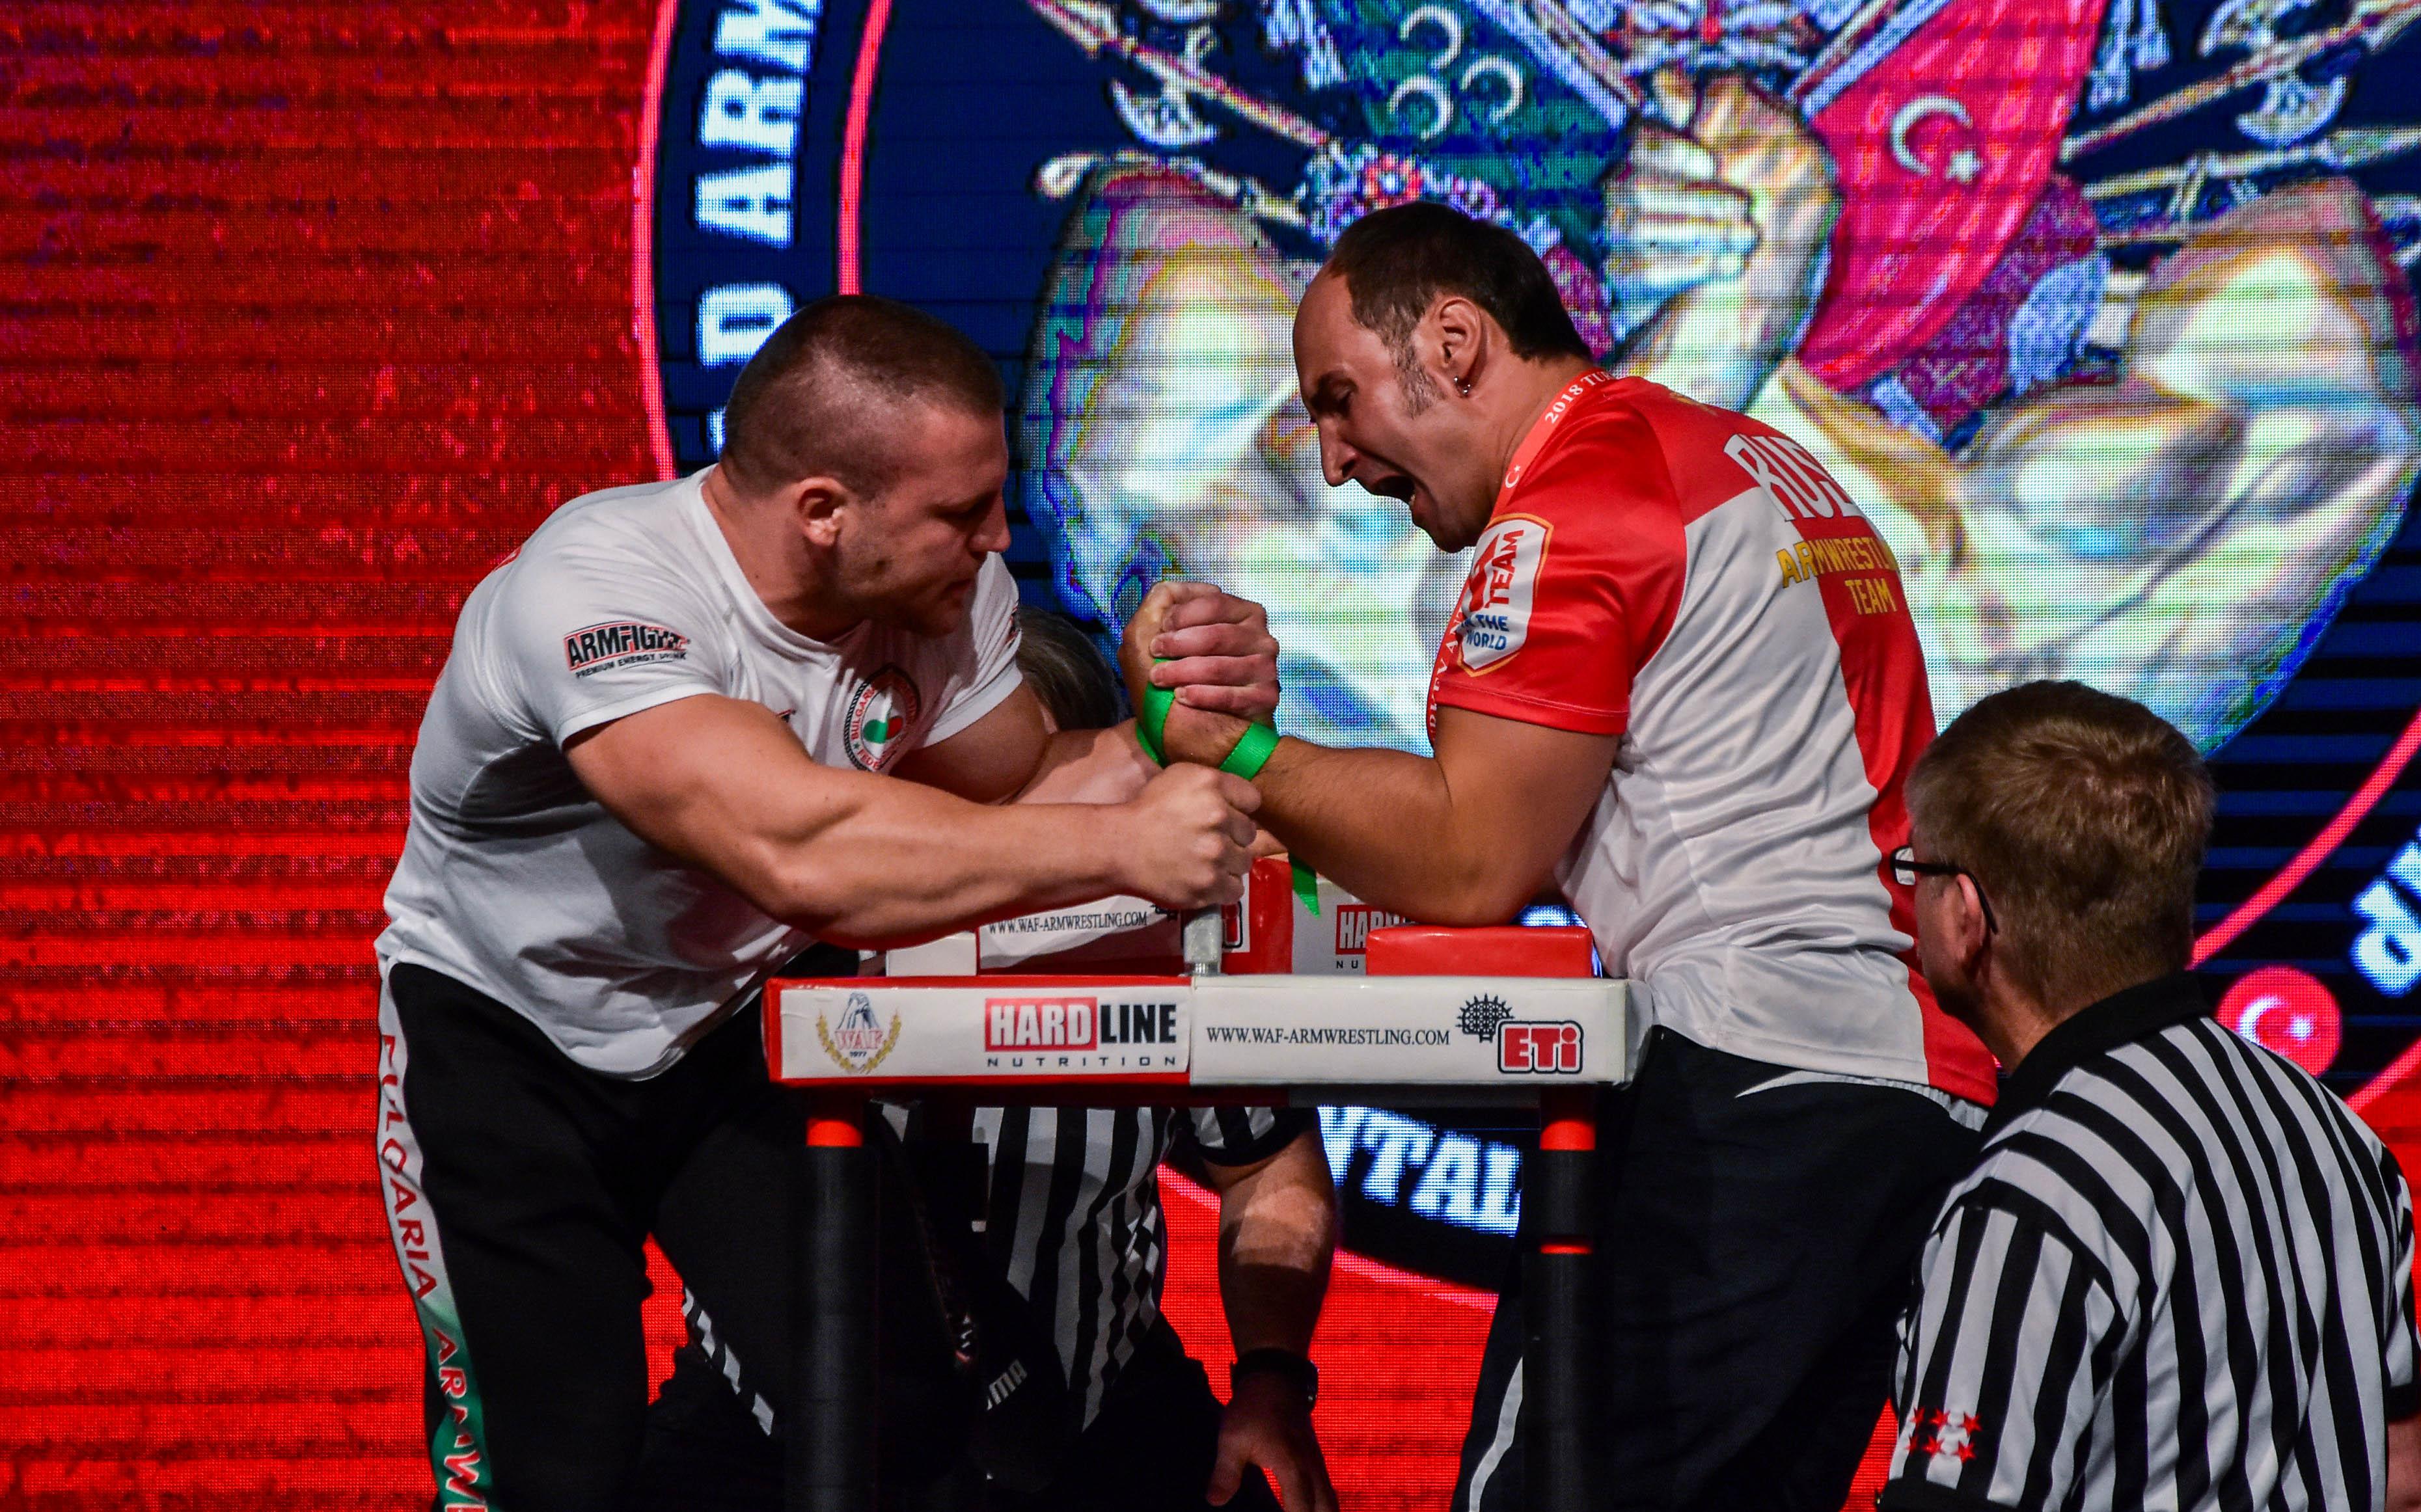 България с 6 медала от световното по канадска борба днес